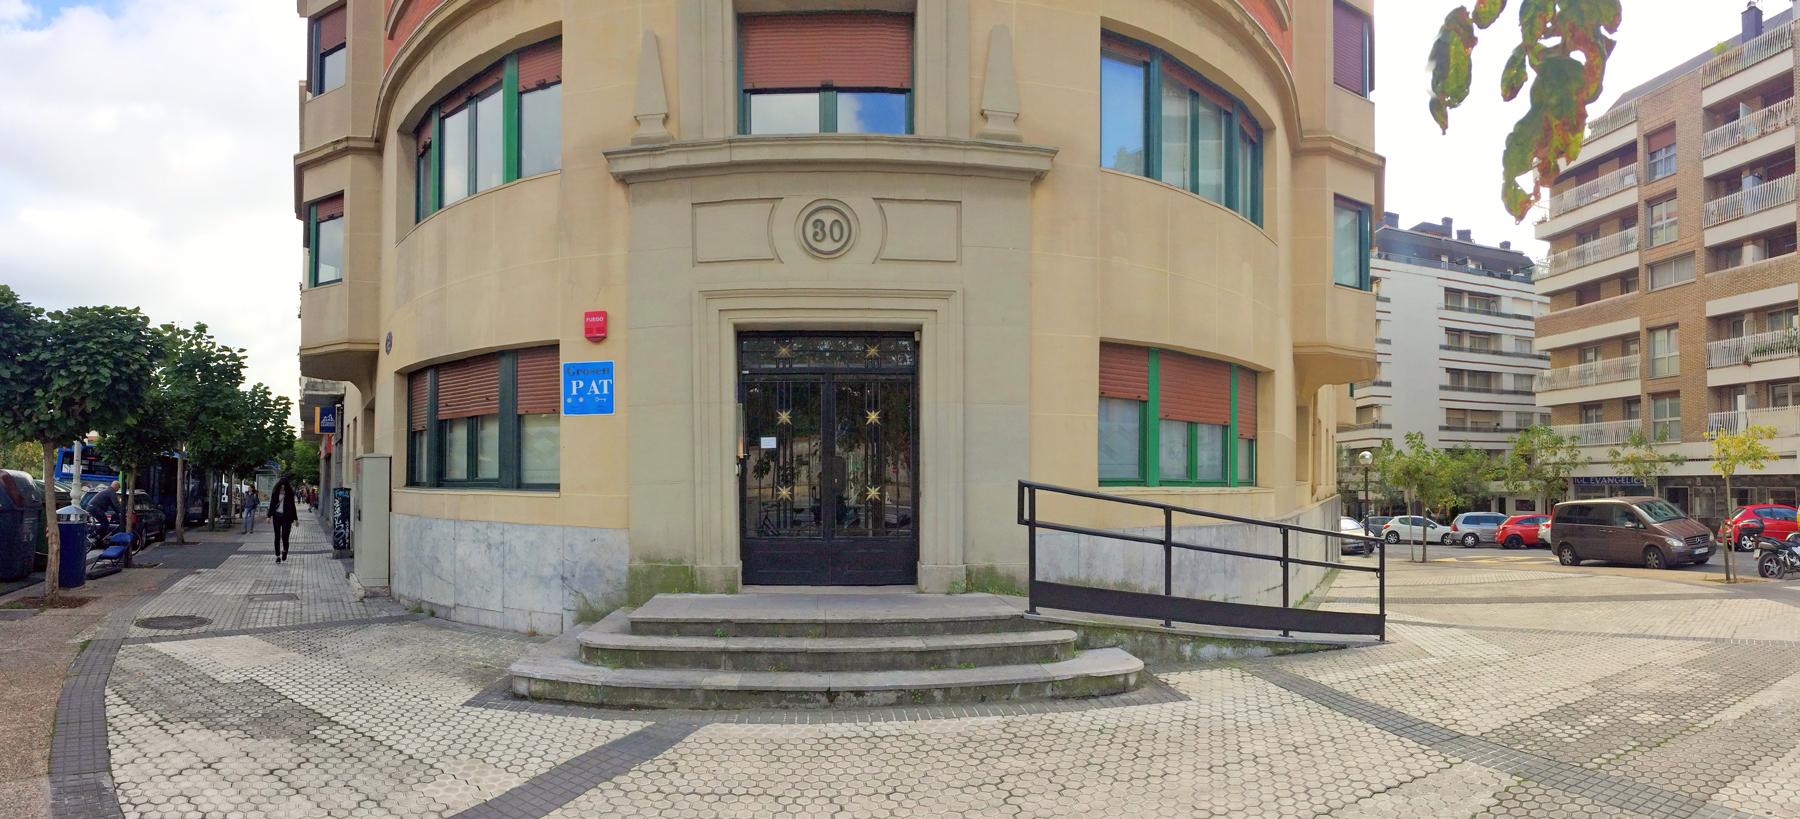 pension_grosen_puerta